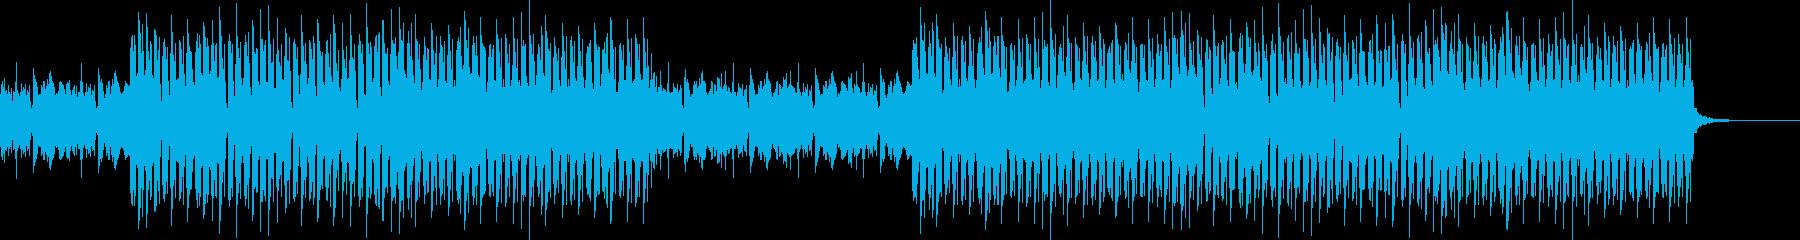 おしゃれ・ジャズ・EDM・空気感の再生済みの波形